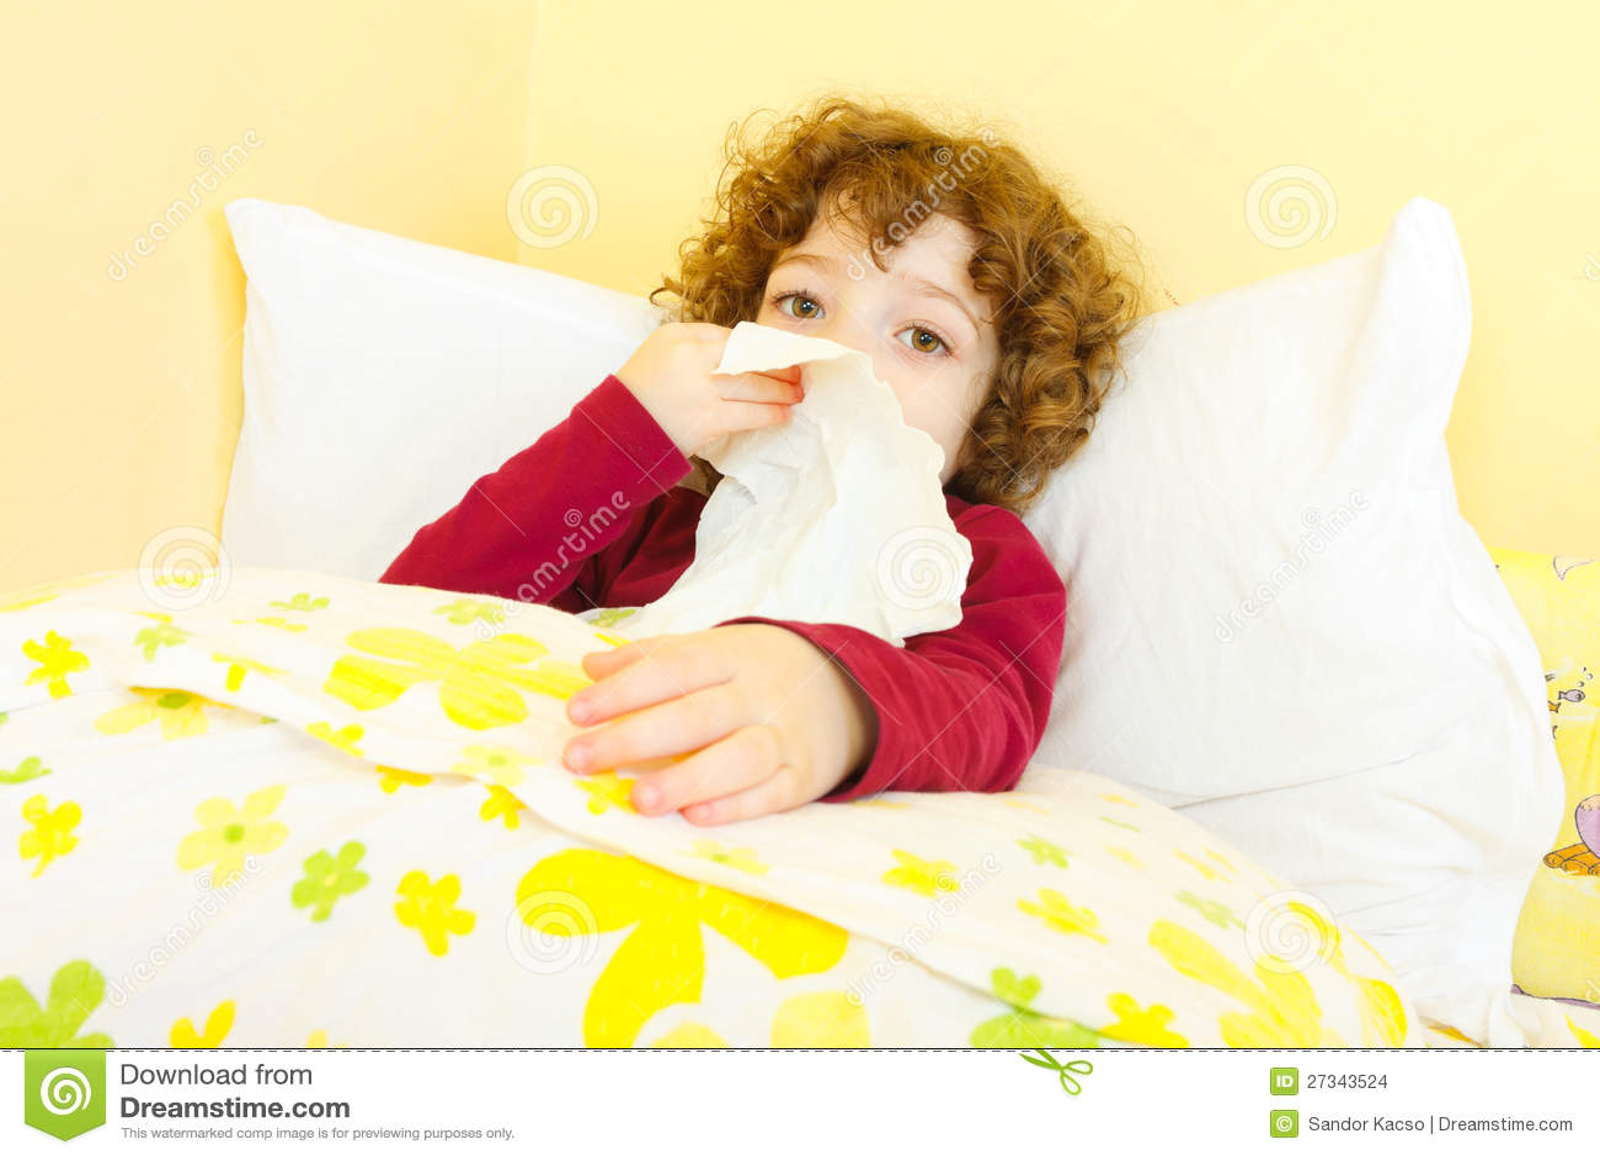 krankes kind im bett das ihre wekzeugspritze durchbrennt stockfoto bild von haar gesundheit. Black Bedroom Furniture Sets. Home Design Ideas